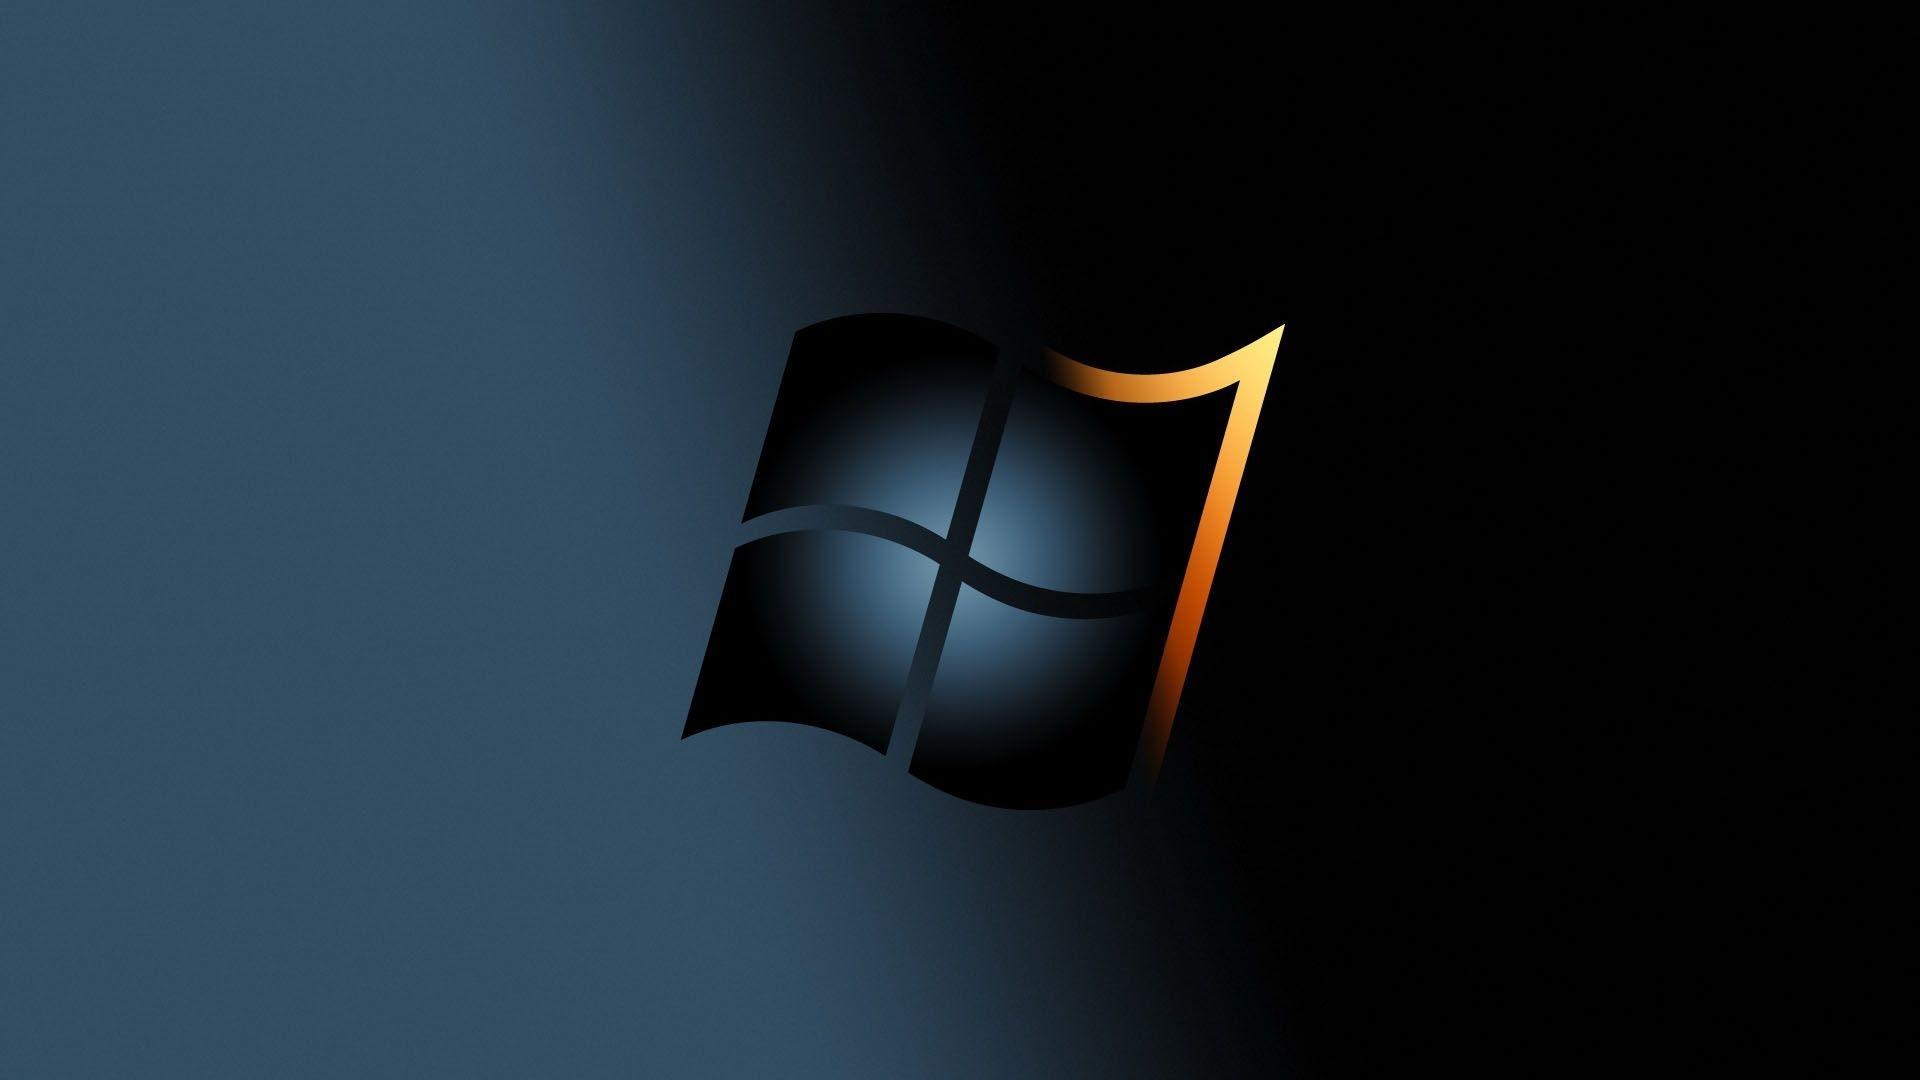 Free Windows 8 HD Wallpaper – Wicked Wallpaper – FREE HD wallpapers | HD  Computers Wallpapers | Pinterest